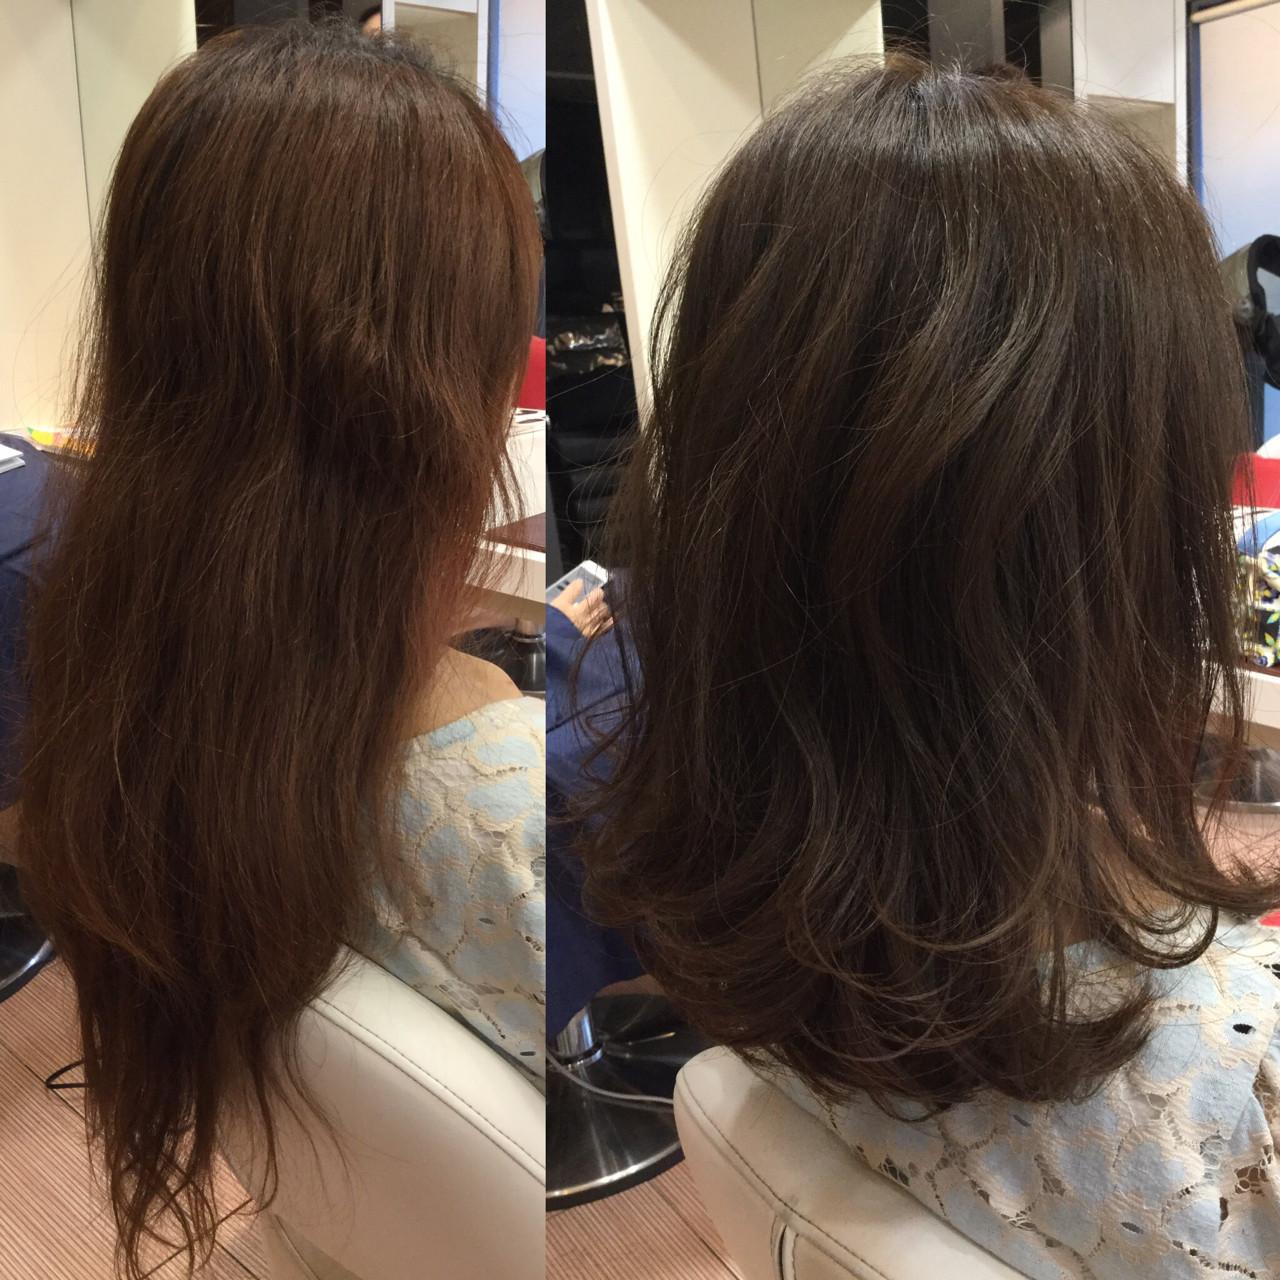 雨の日 アンニュイ リラックス ミディアム ヘアスタイルや髪型の写真・画像 | APHRODITE 銀座 猿山将広 / APHRODITE 銀座